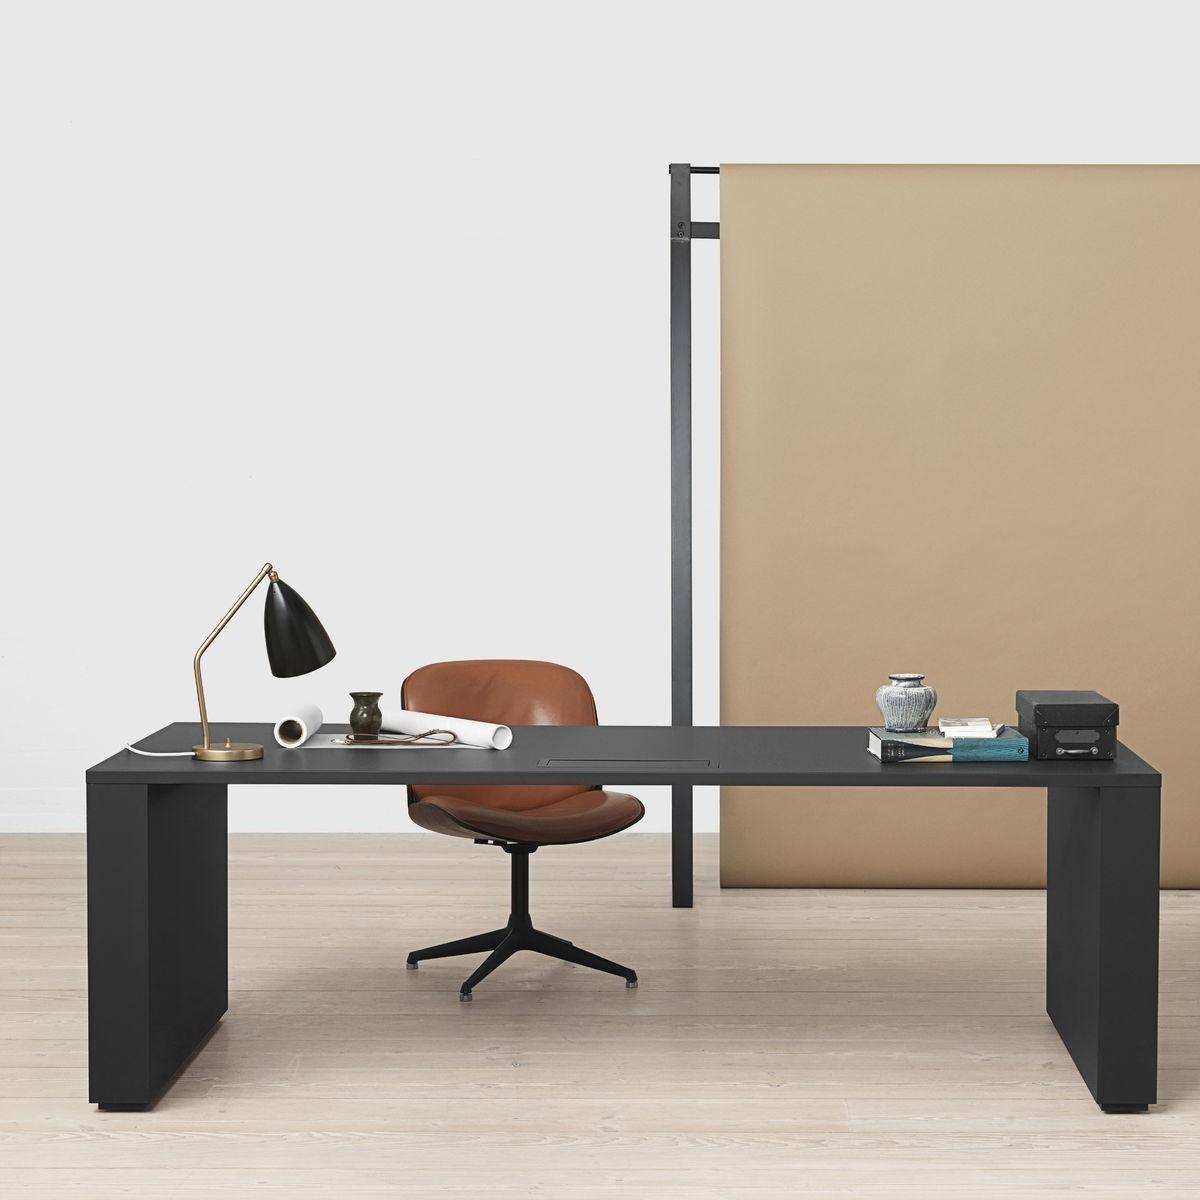 grasshopper lampe de table gubi. Black Bedroom Furniture Sets. Home Design Ideas